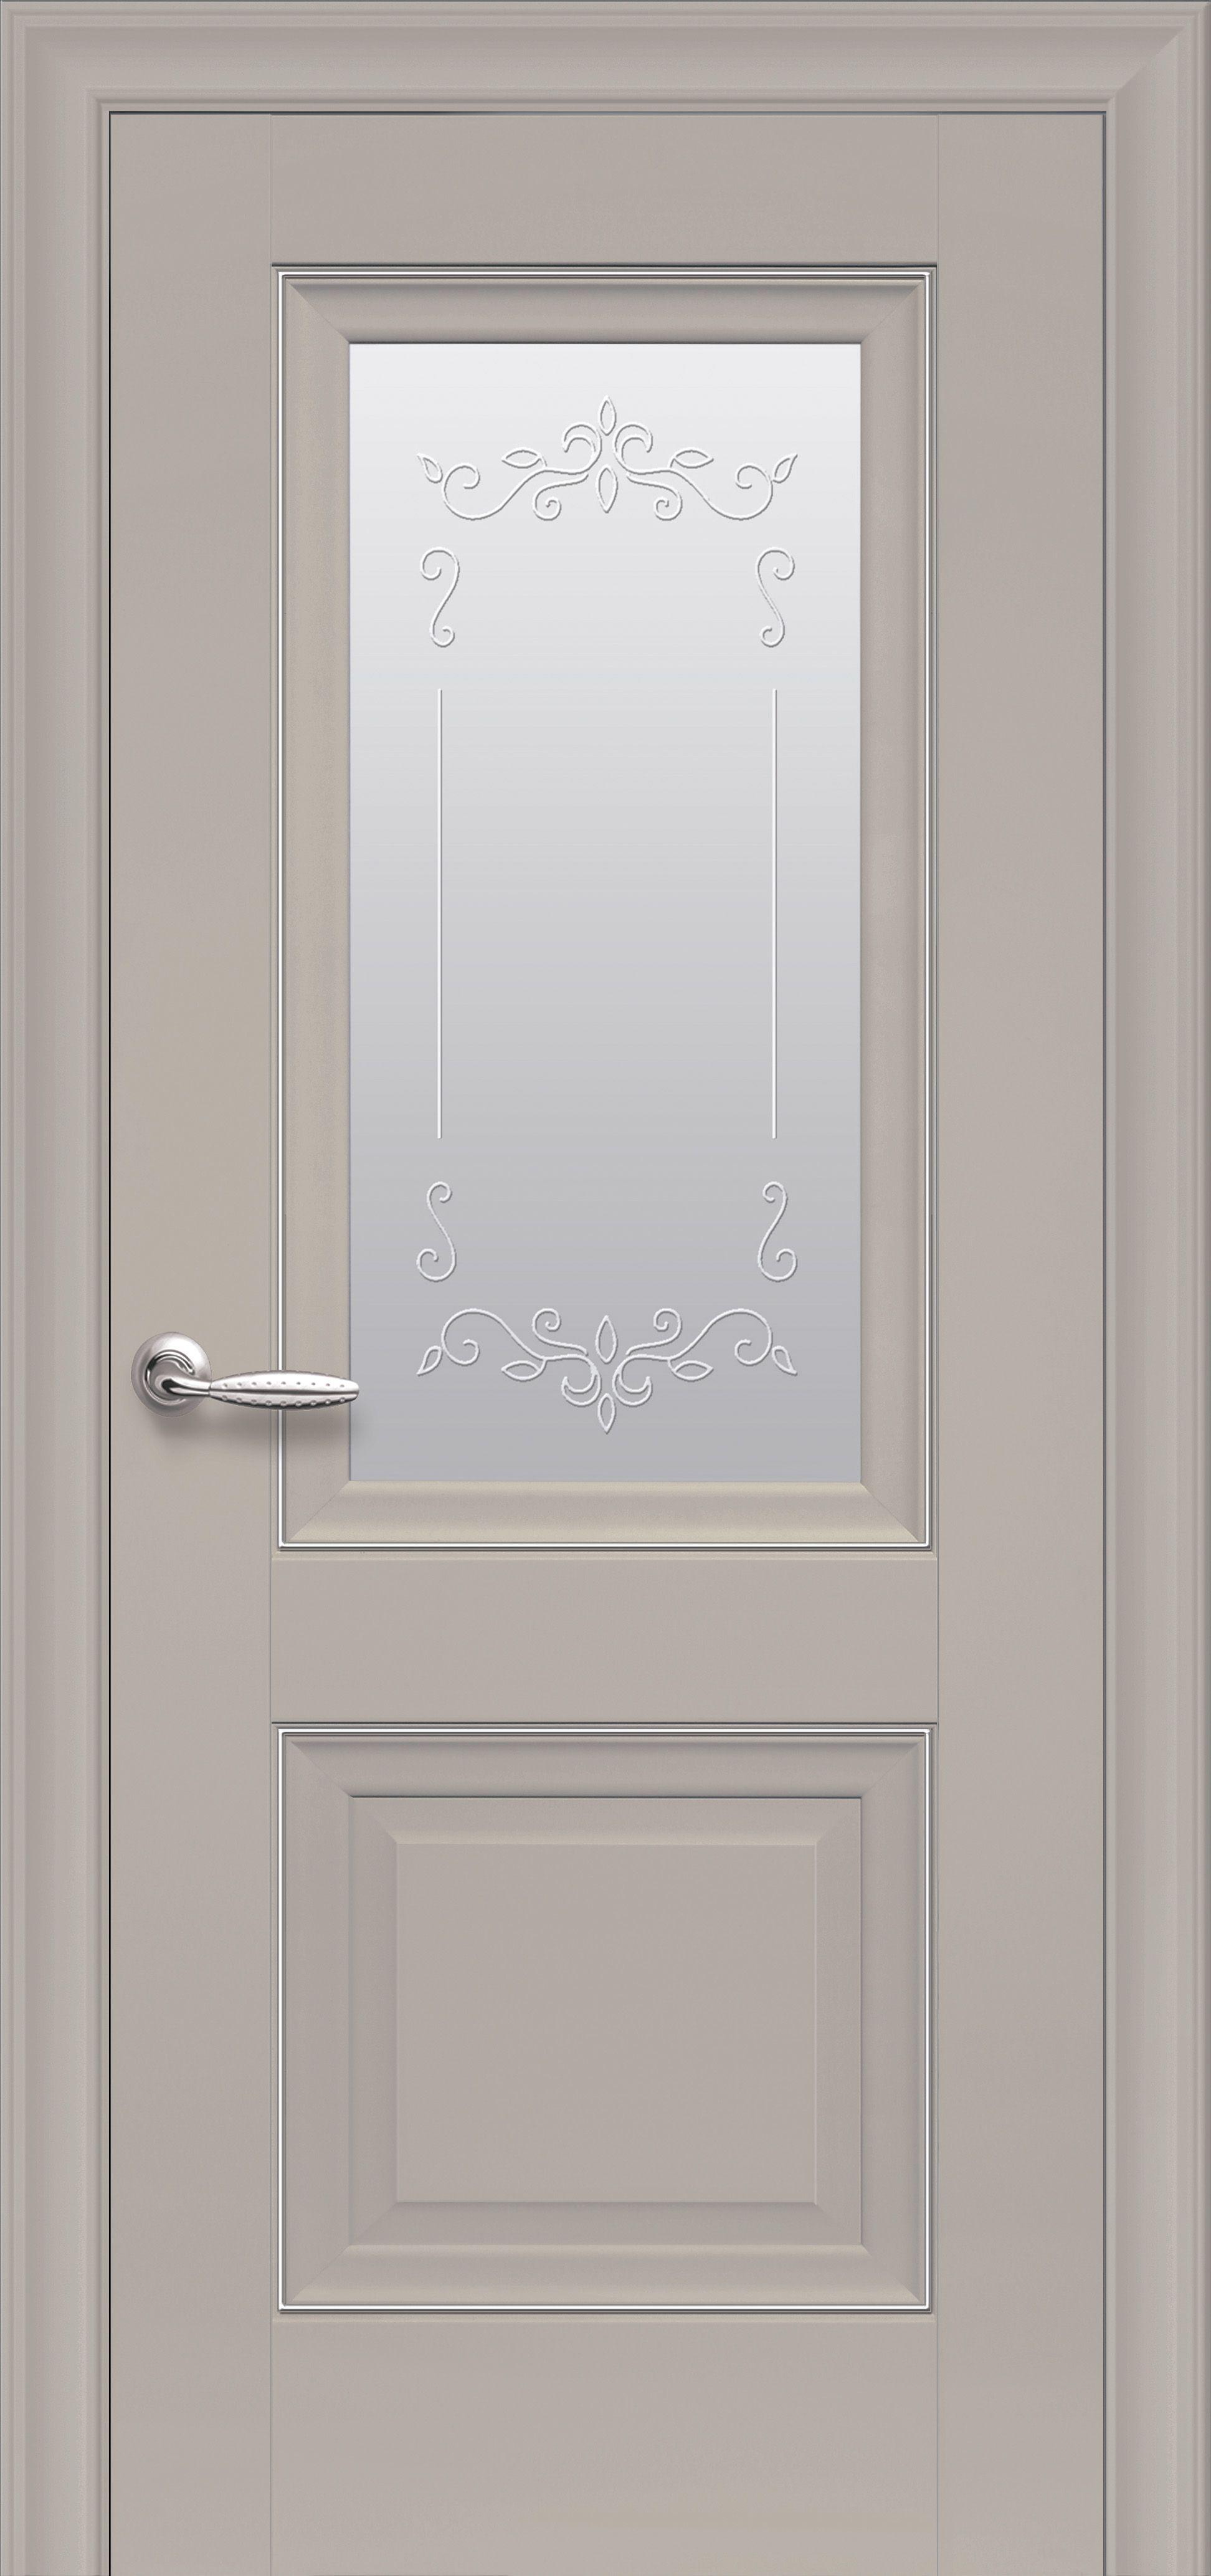 Межкомнатные двери Имидж Со стеклом сатин, молдингом и рисунком